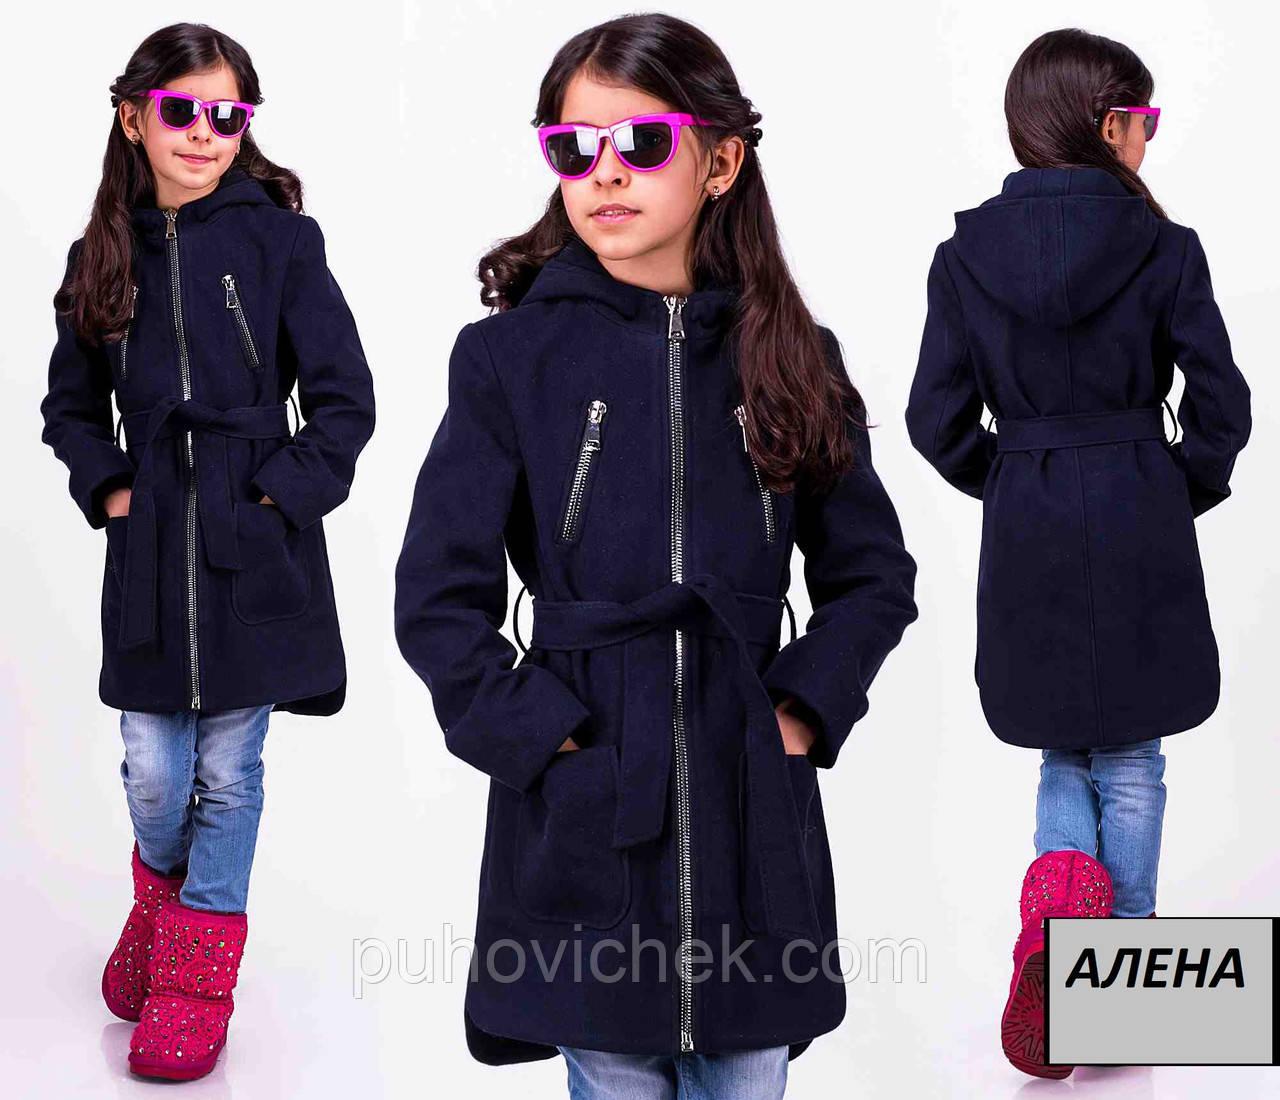 Детское кашемировое пальто на девочку от производителя